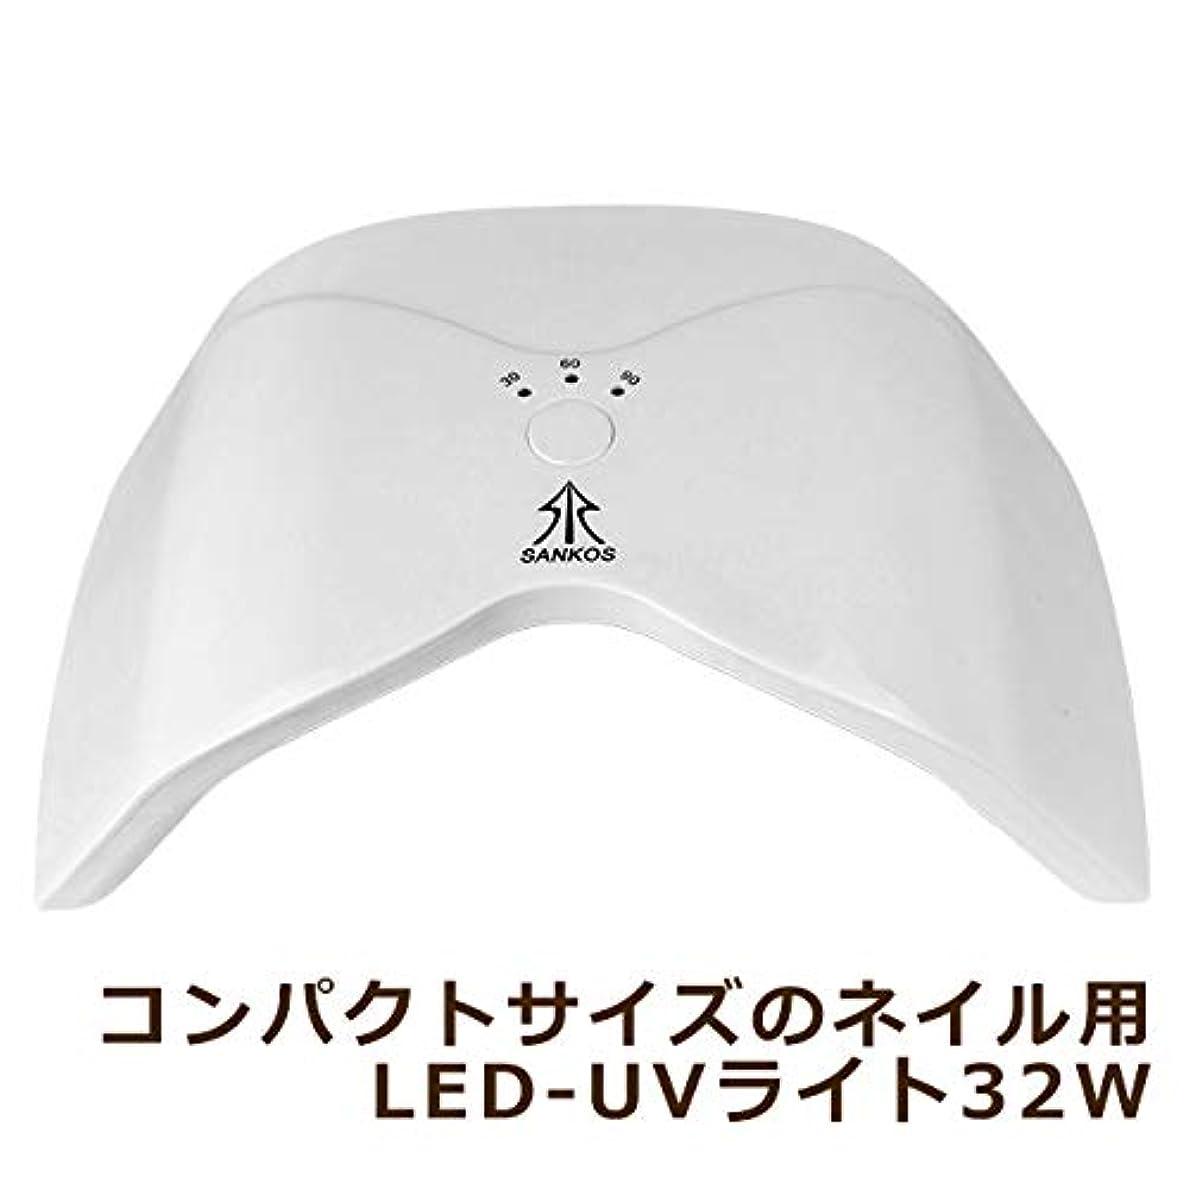 一晩最大の前に【新入荷】コンパクトサイズ ネイル用 LED-UVライト 32W (LED&UV両方対応)30秒?60秒?90秒タイマー付 (ホワイト)